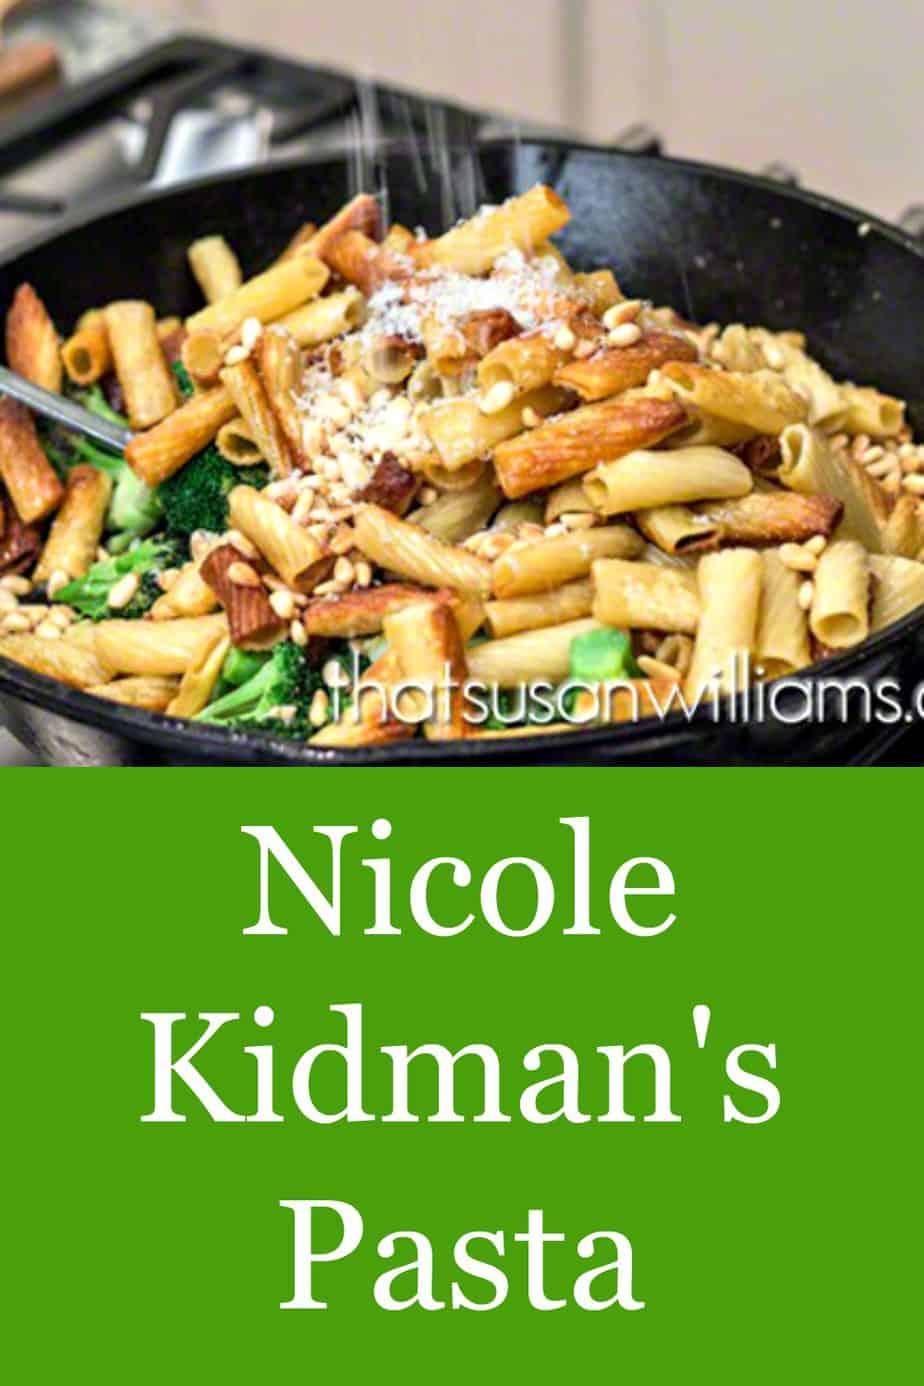 Sprinkling Parmigiano Reggiano on top of Nicole Kidman's Pasta